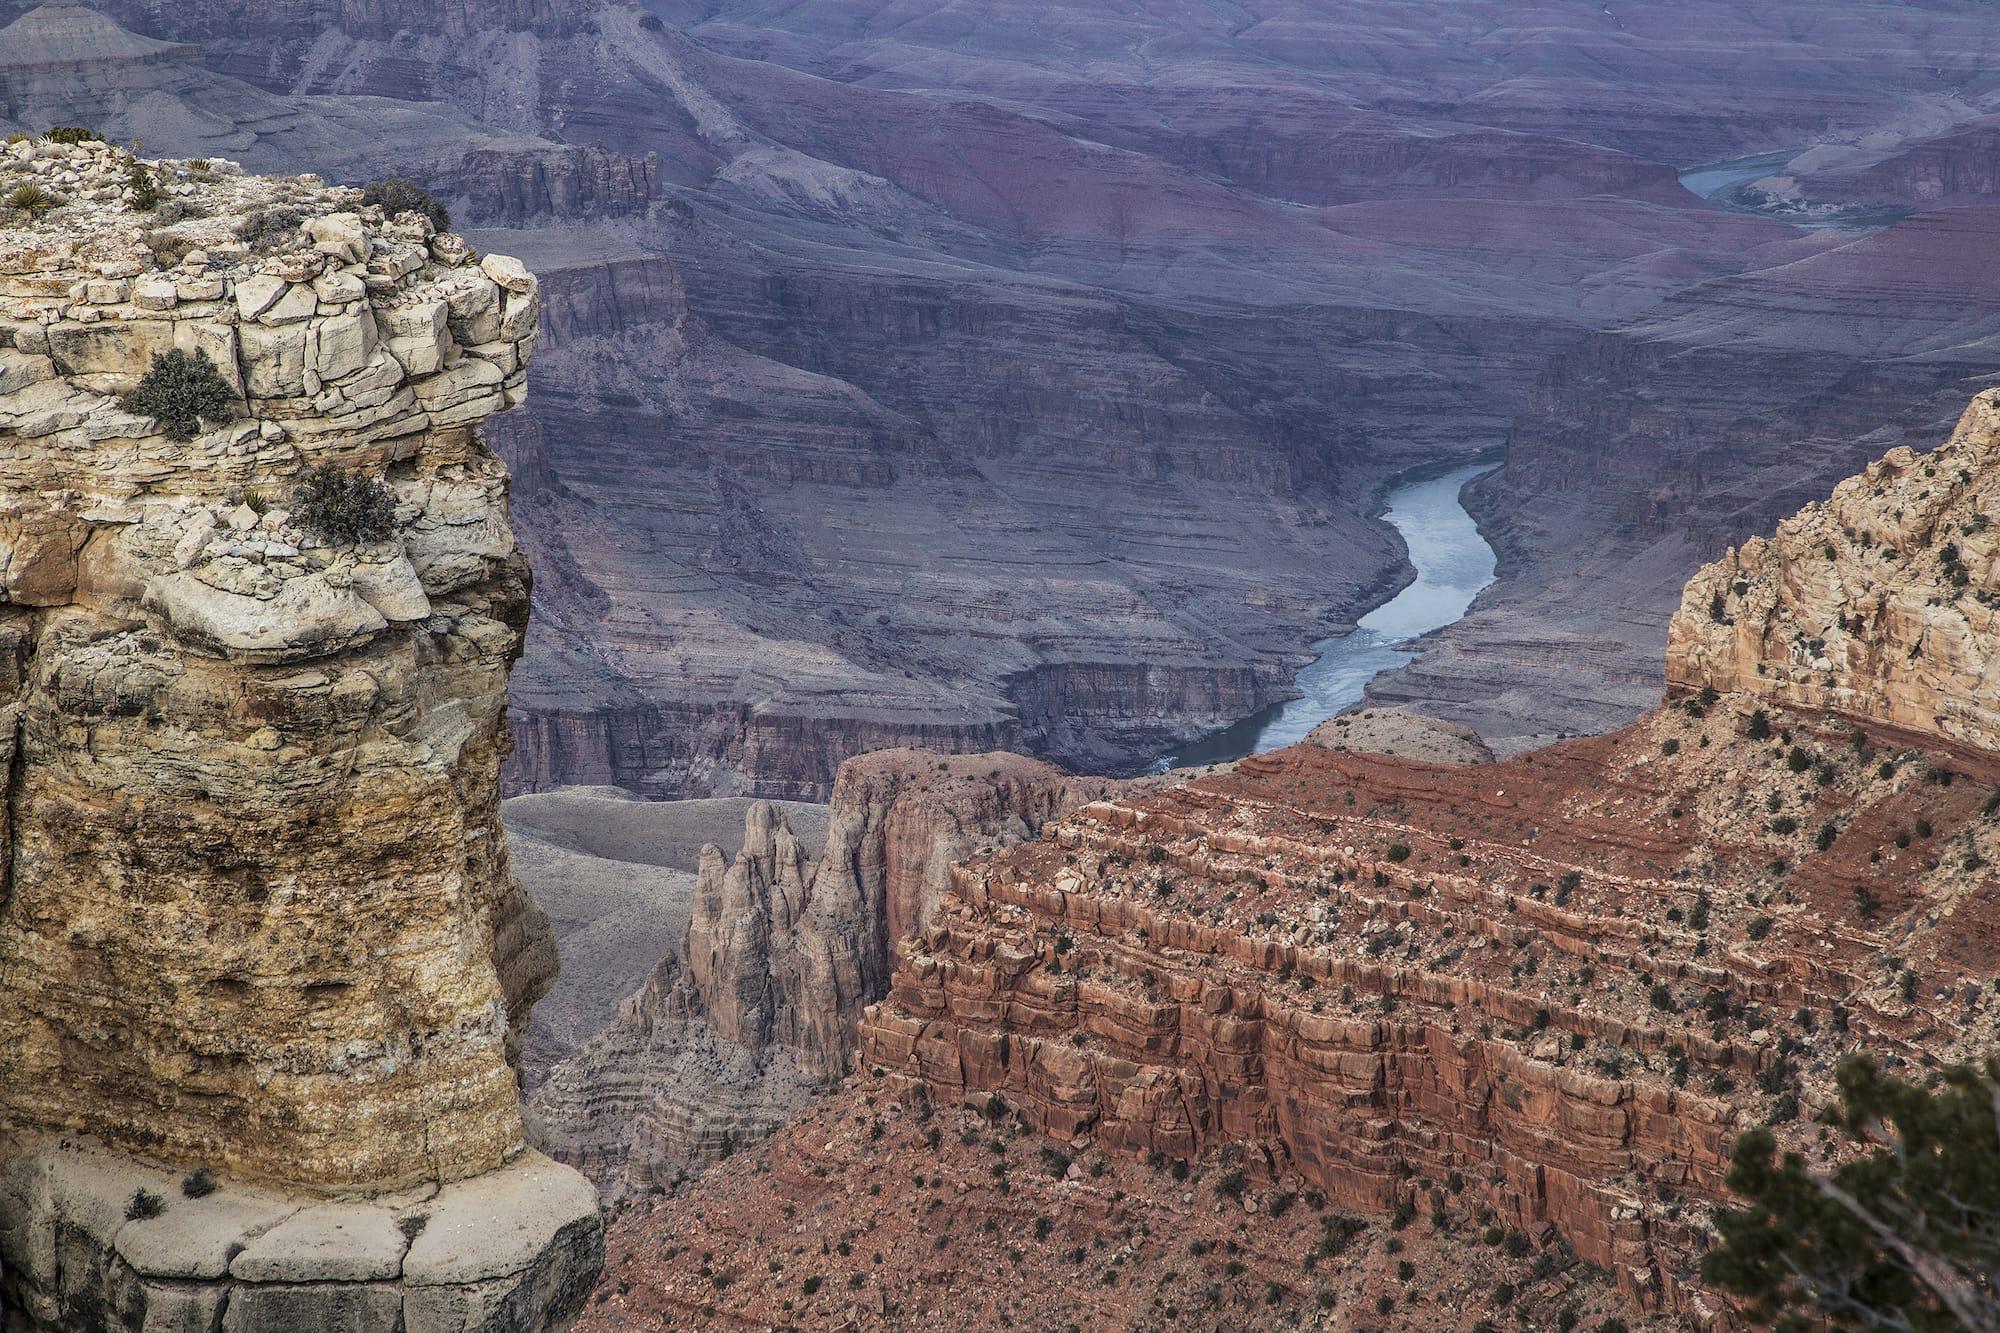 Wielki Kanion i Dolina Smierci Tomek Szykulski 5